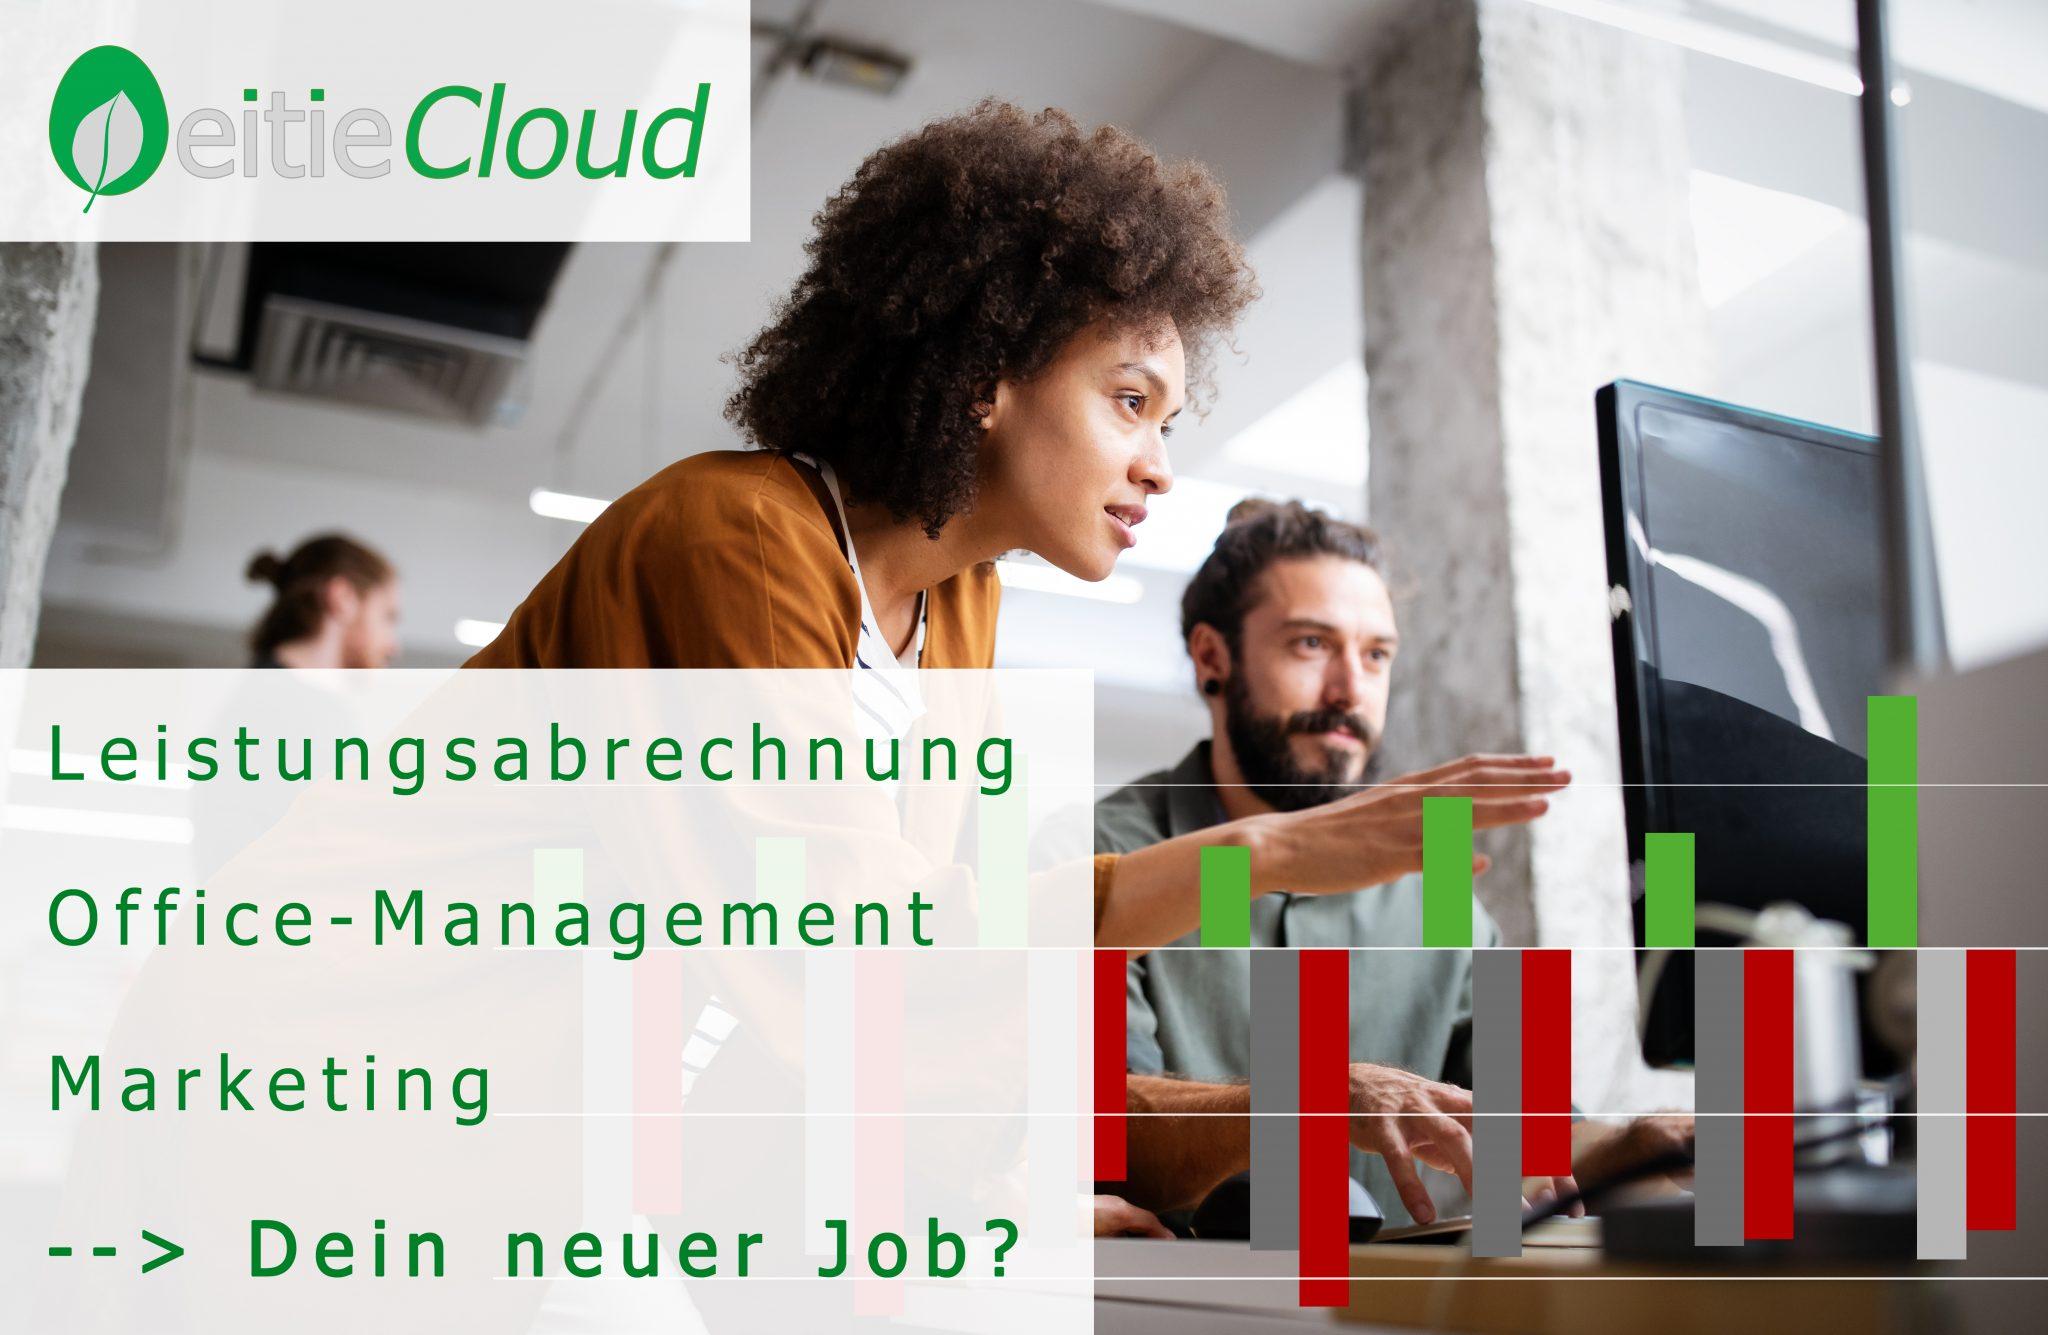 Office-Management eitieCloud